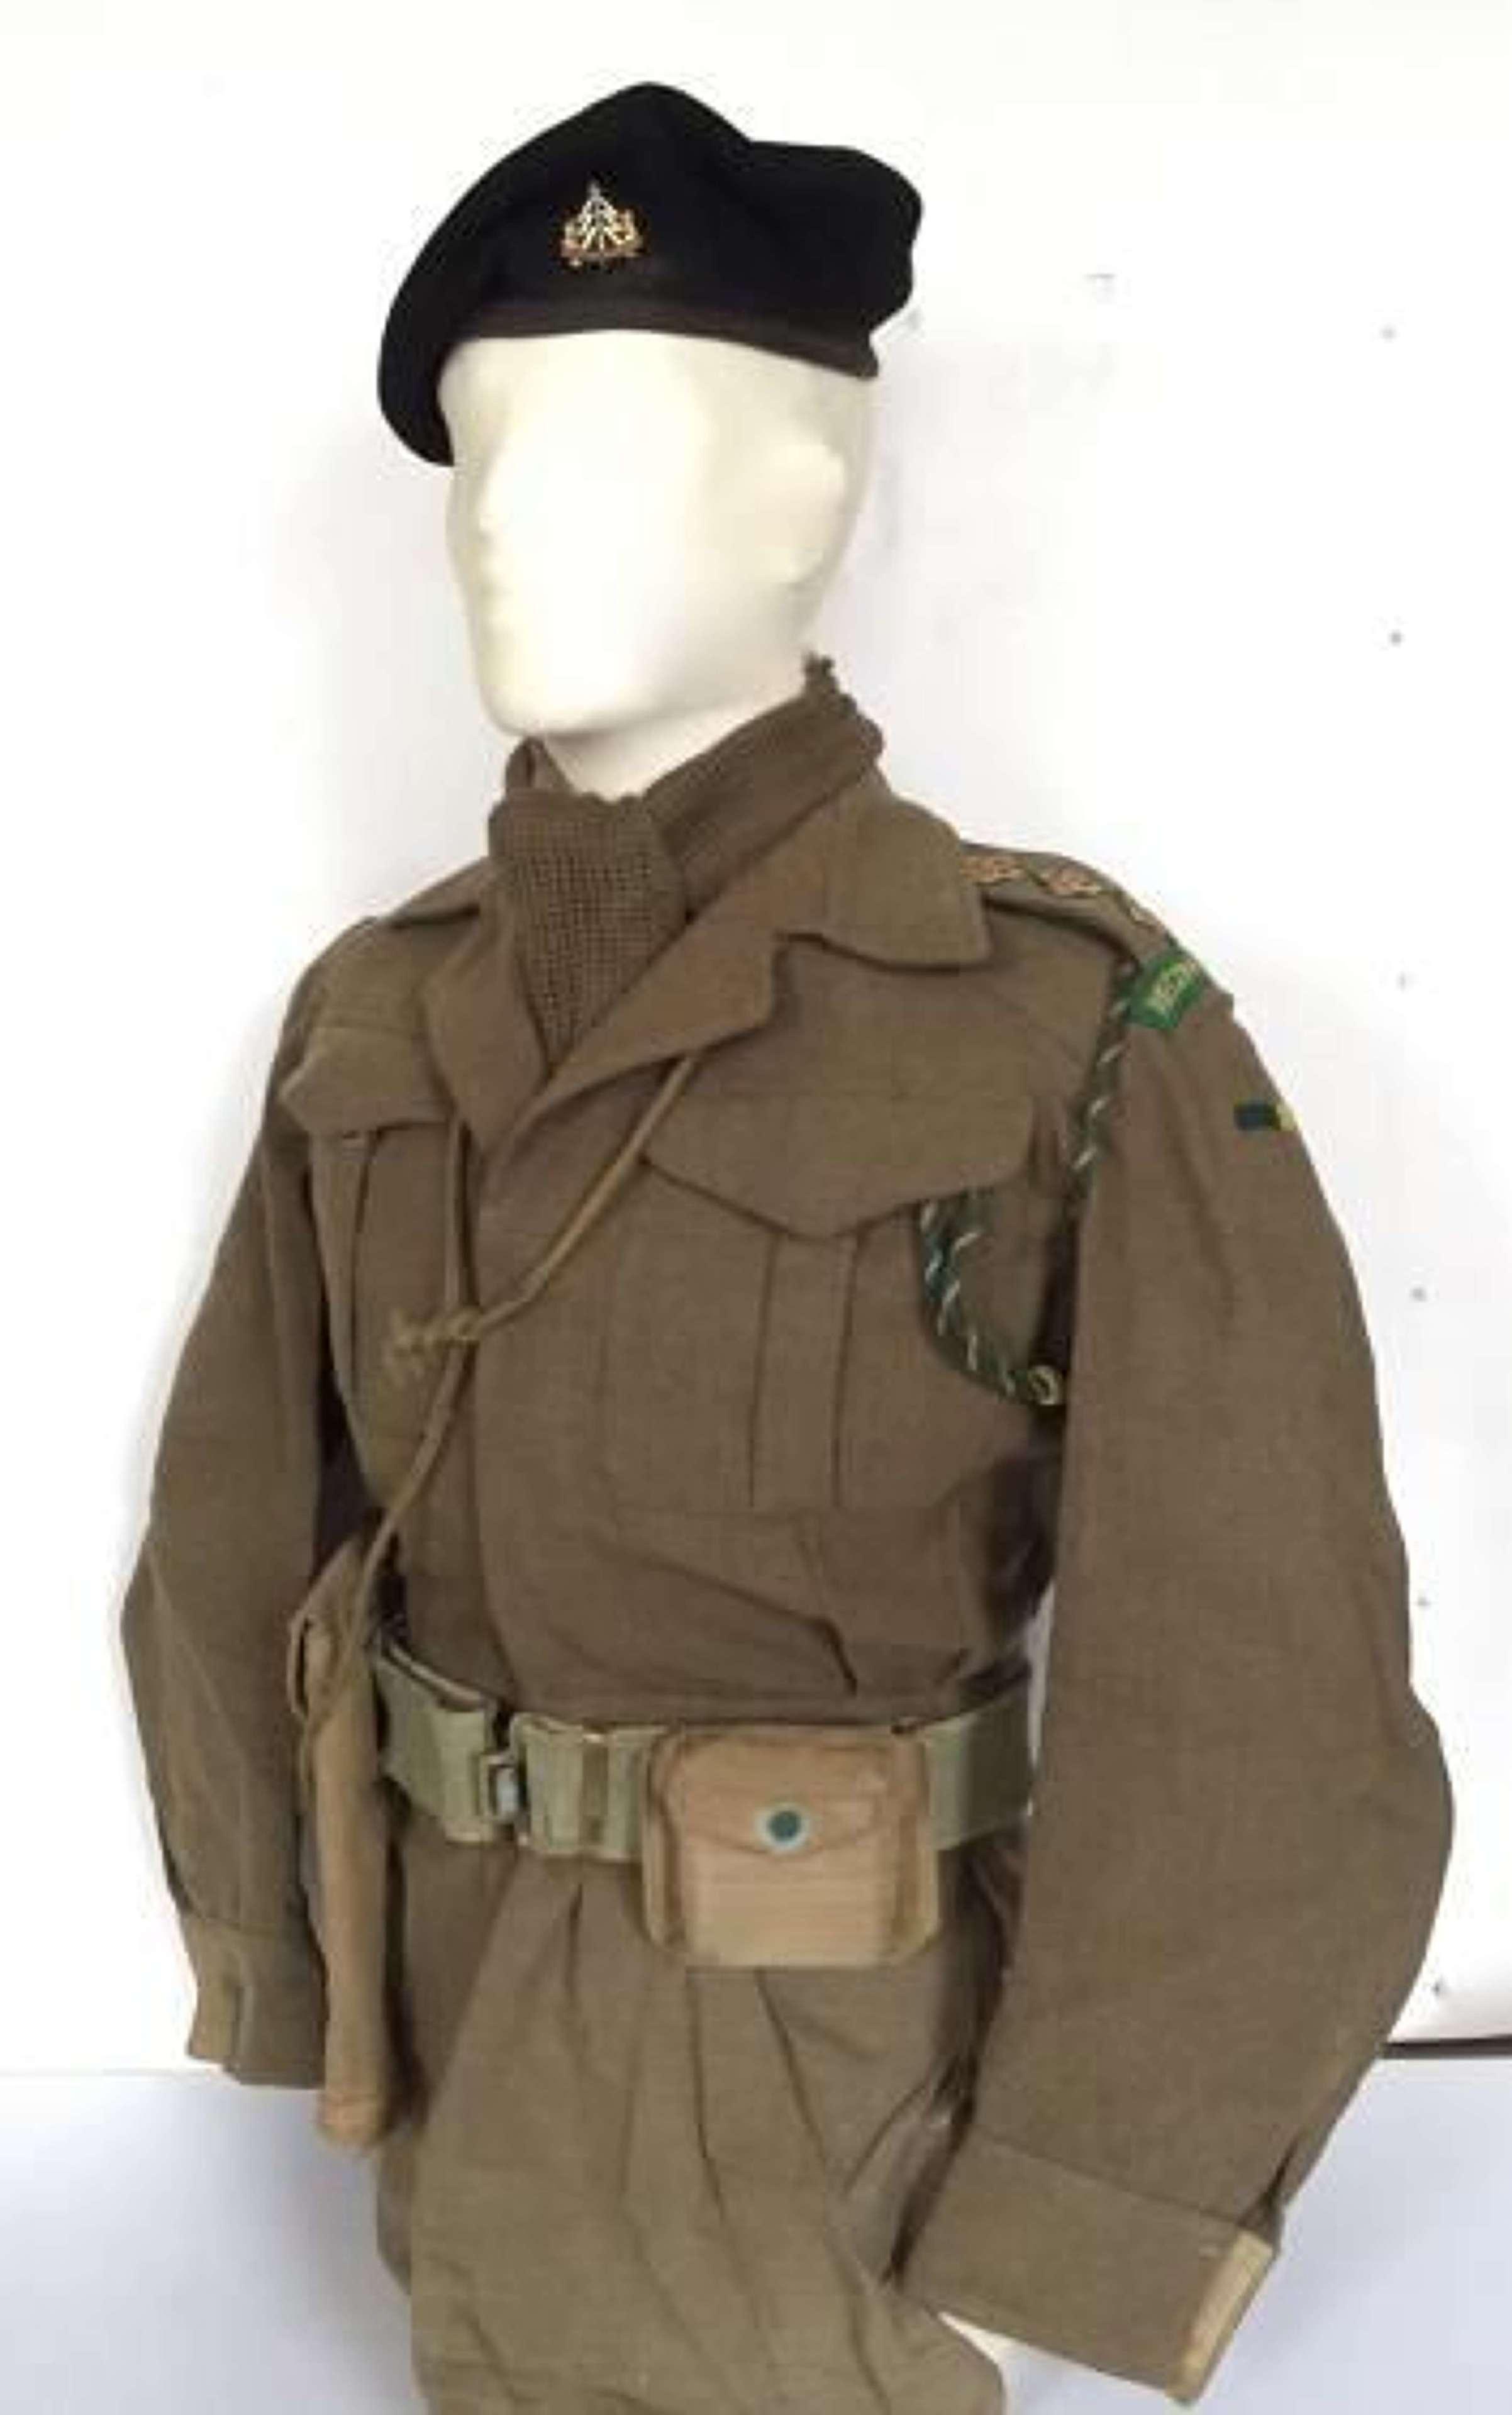 WW2 Period Reconnaissance Corps Officer's Battledress Uniform.